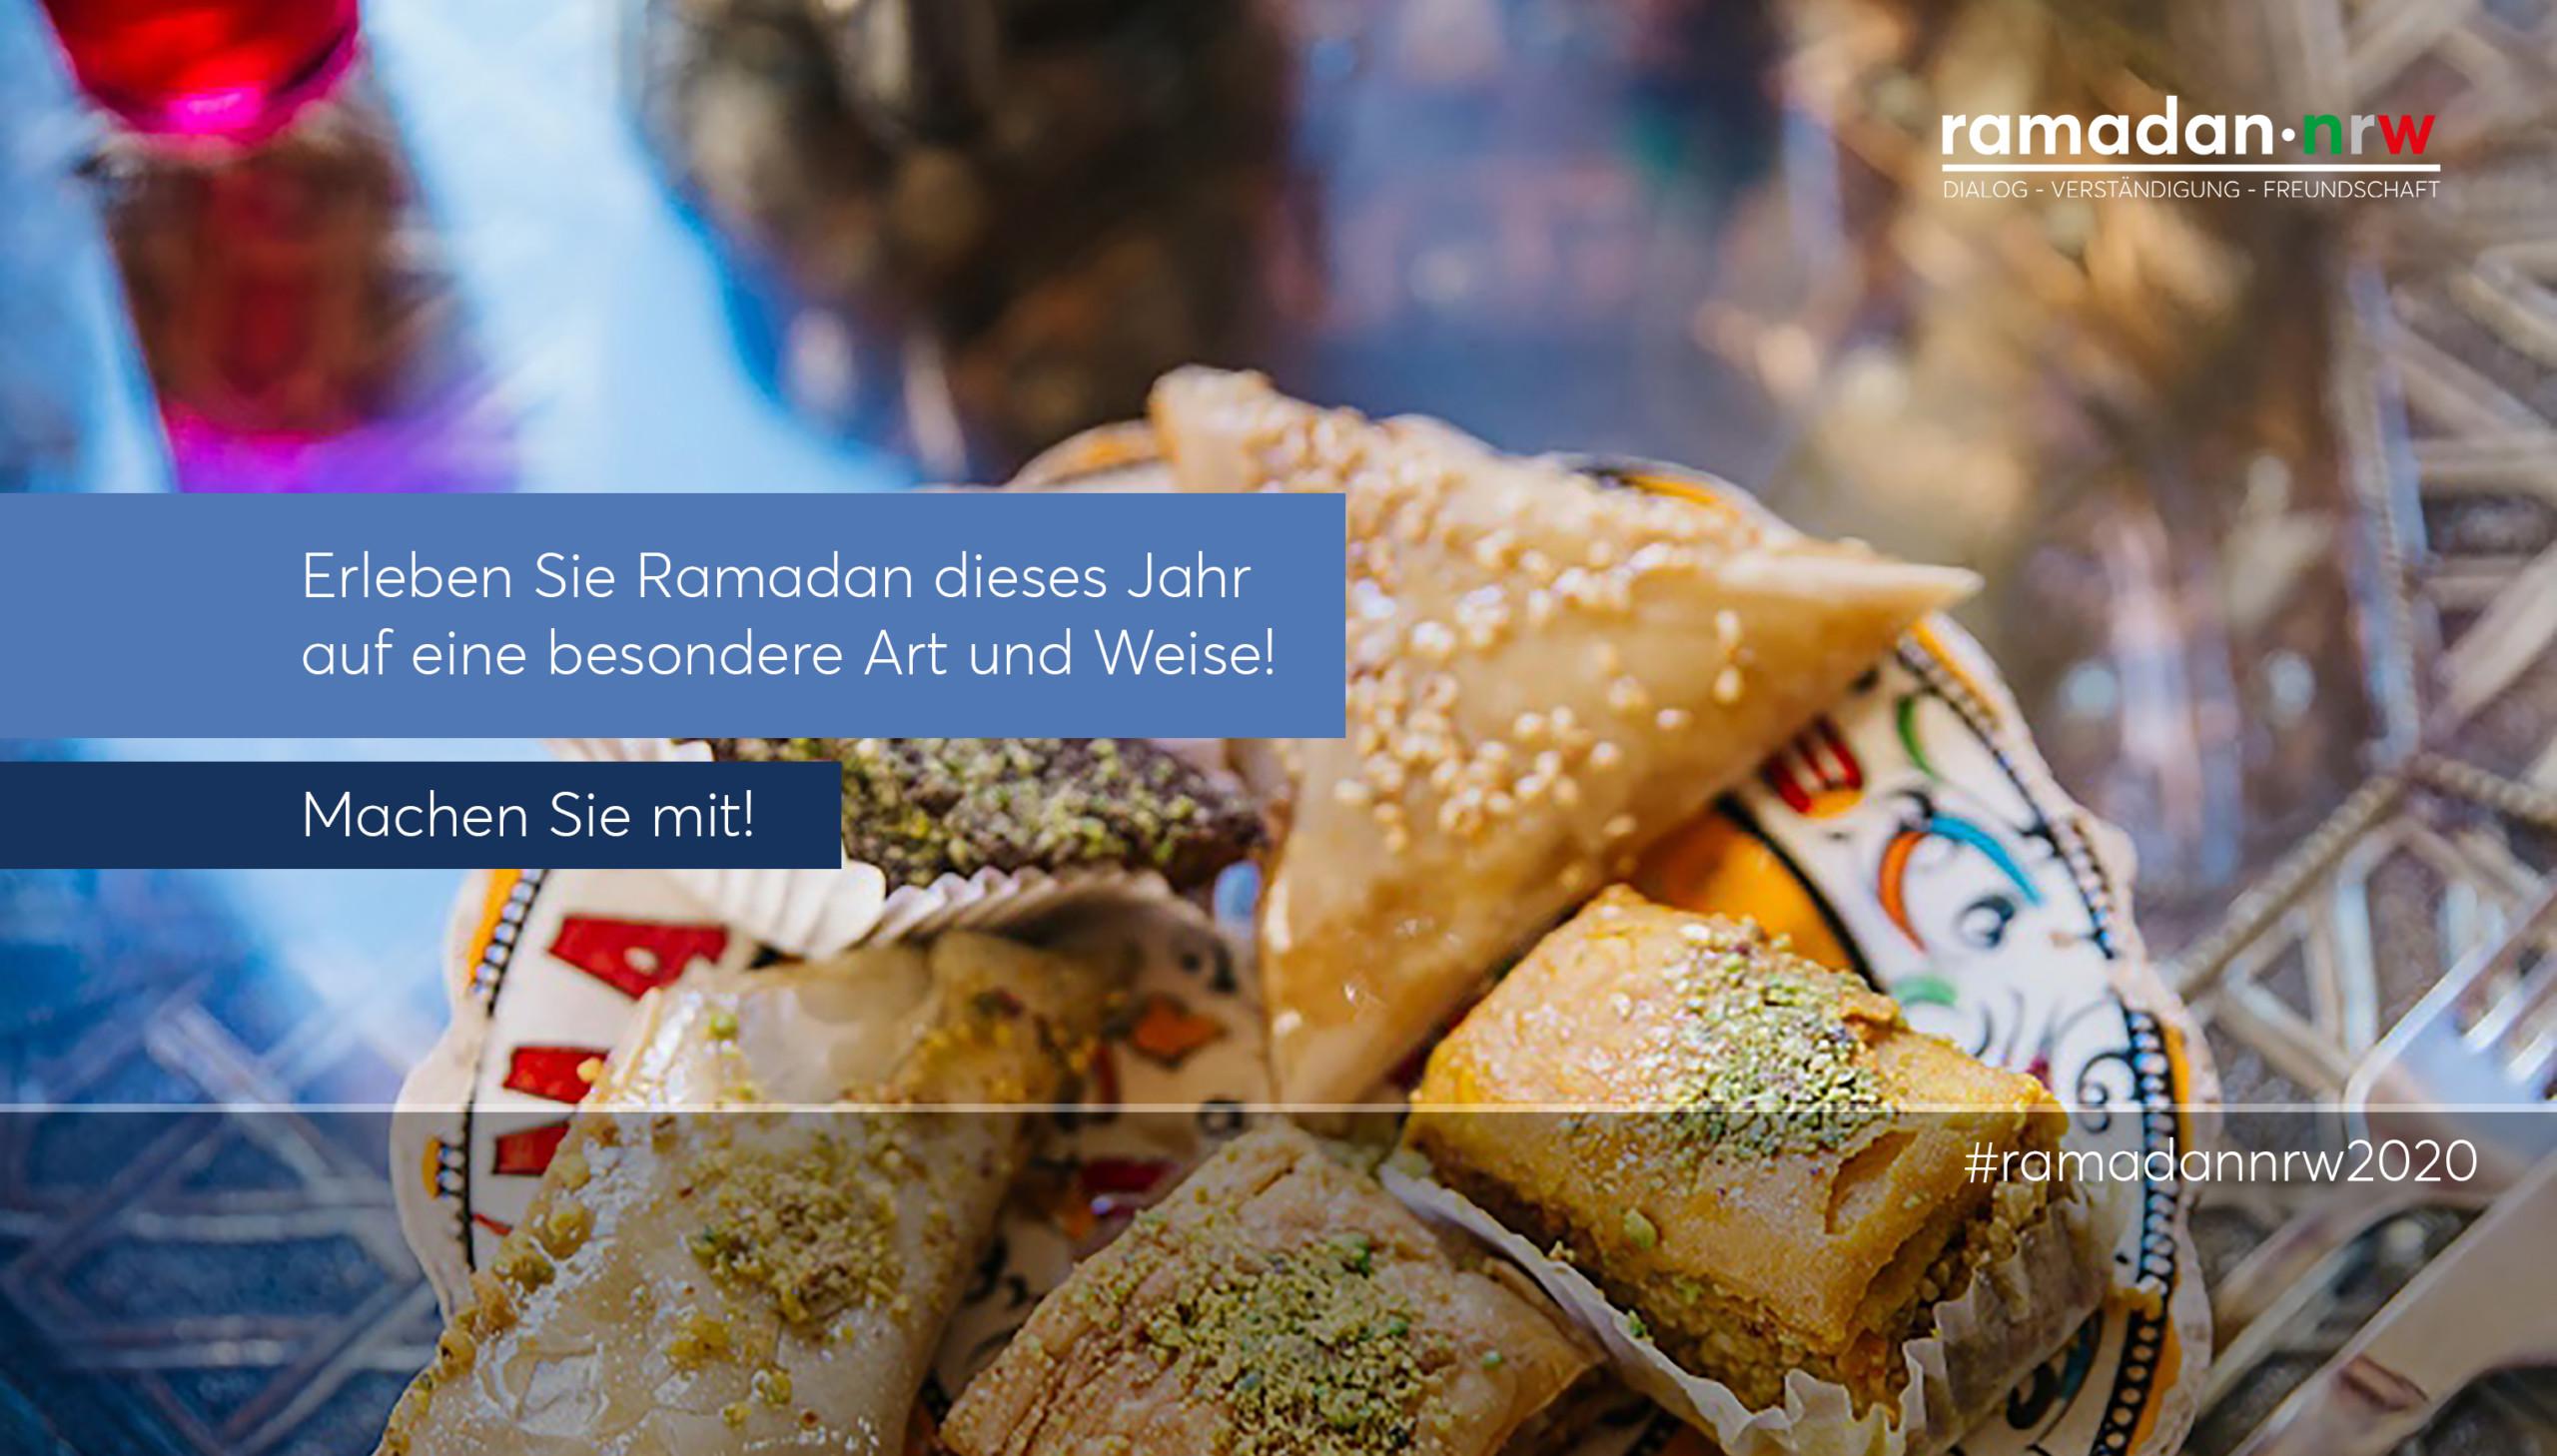 """Verband lädt zur Teilnahme an den Aktionen von """"ramadan-nrw"""" ein."""